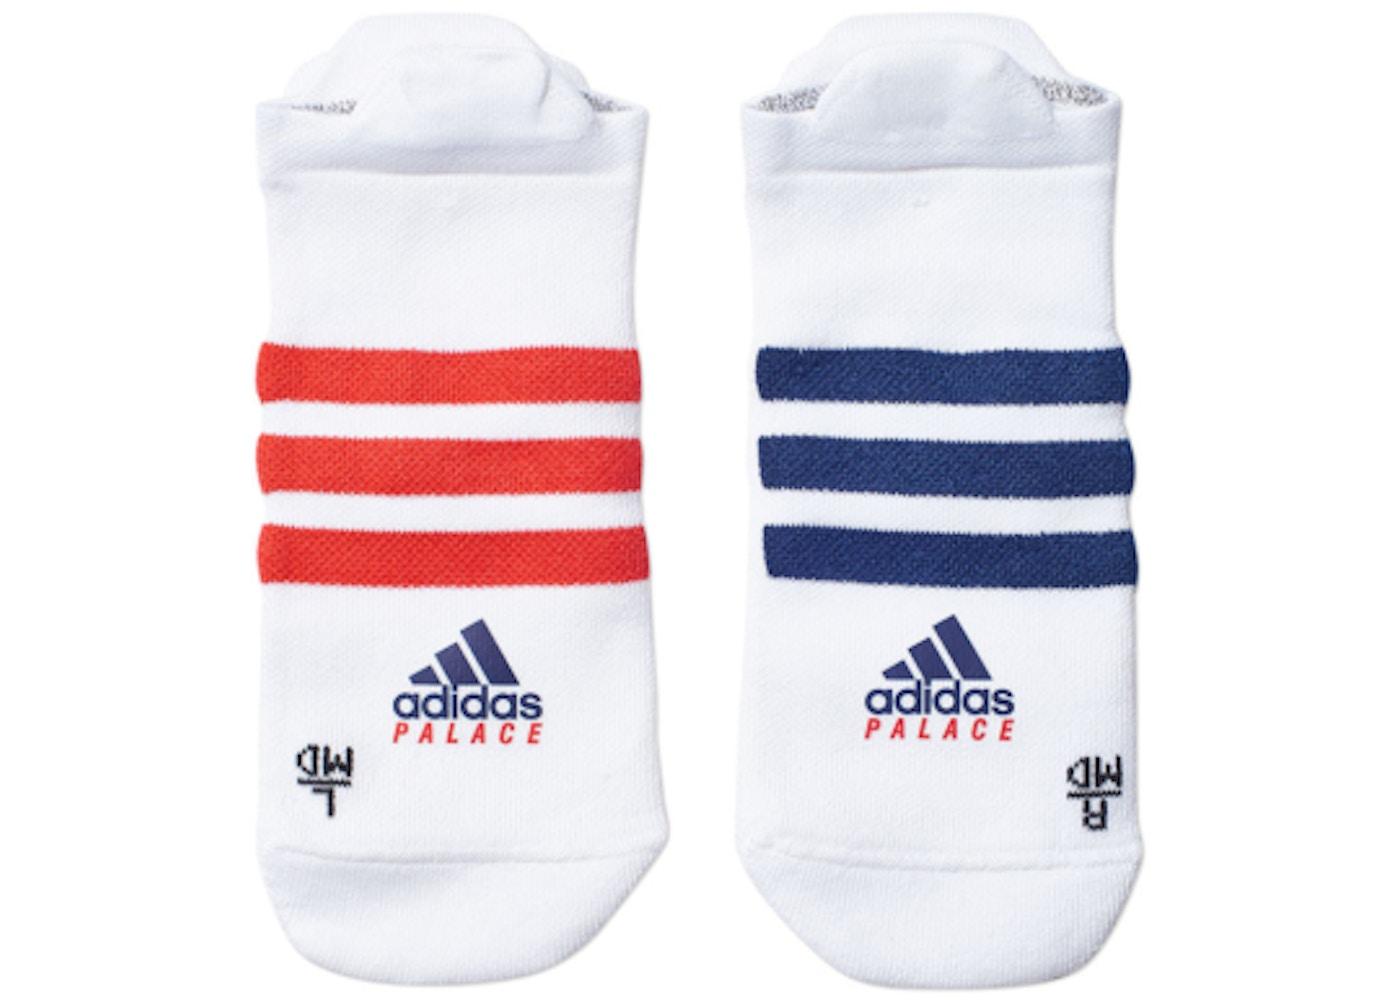 e96a5ec3 Palace adidas On Court No Show Socks White/Red/Dark Blue. adidas On Court  No Show